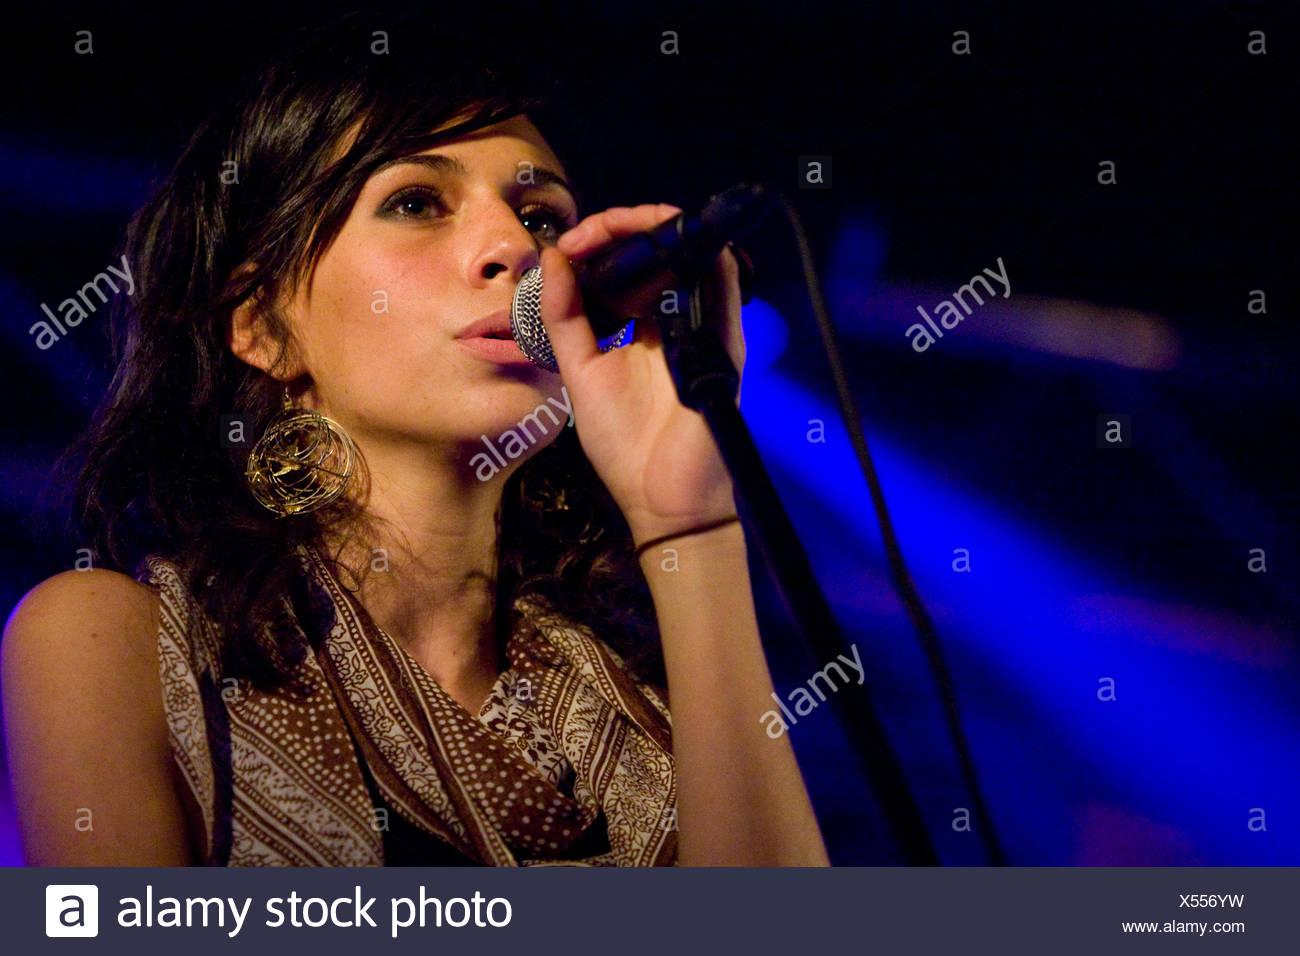 La cantante Nicole Zribi aka Djemeia del cantante y compositor suizo duo Jones n' Knascht Djemeia viven en el Club, Lucerna Foto de stock